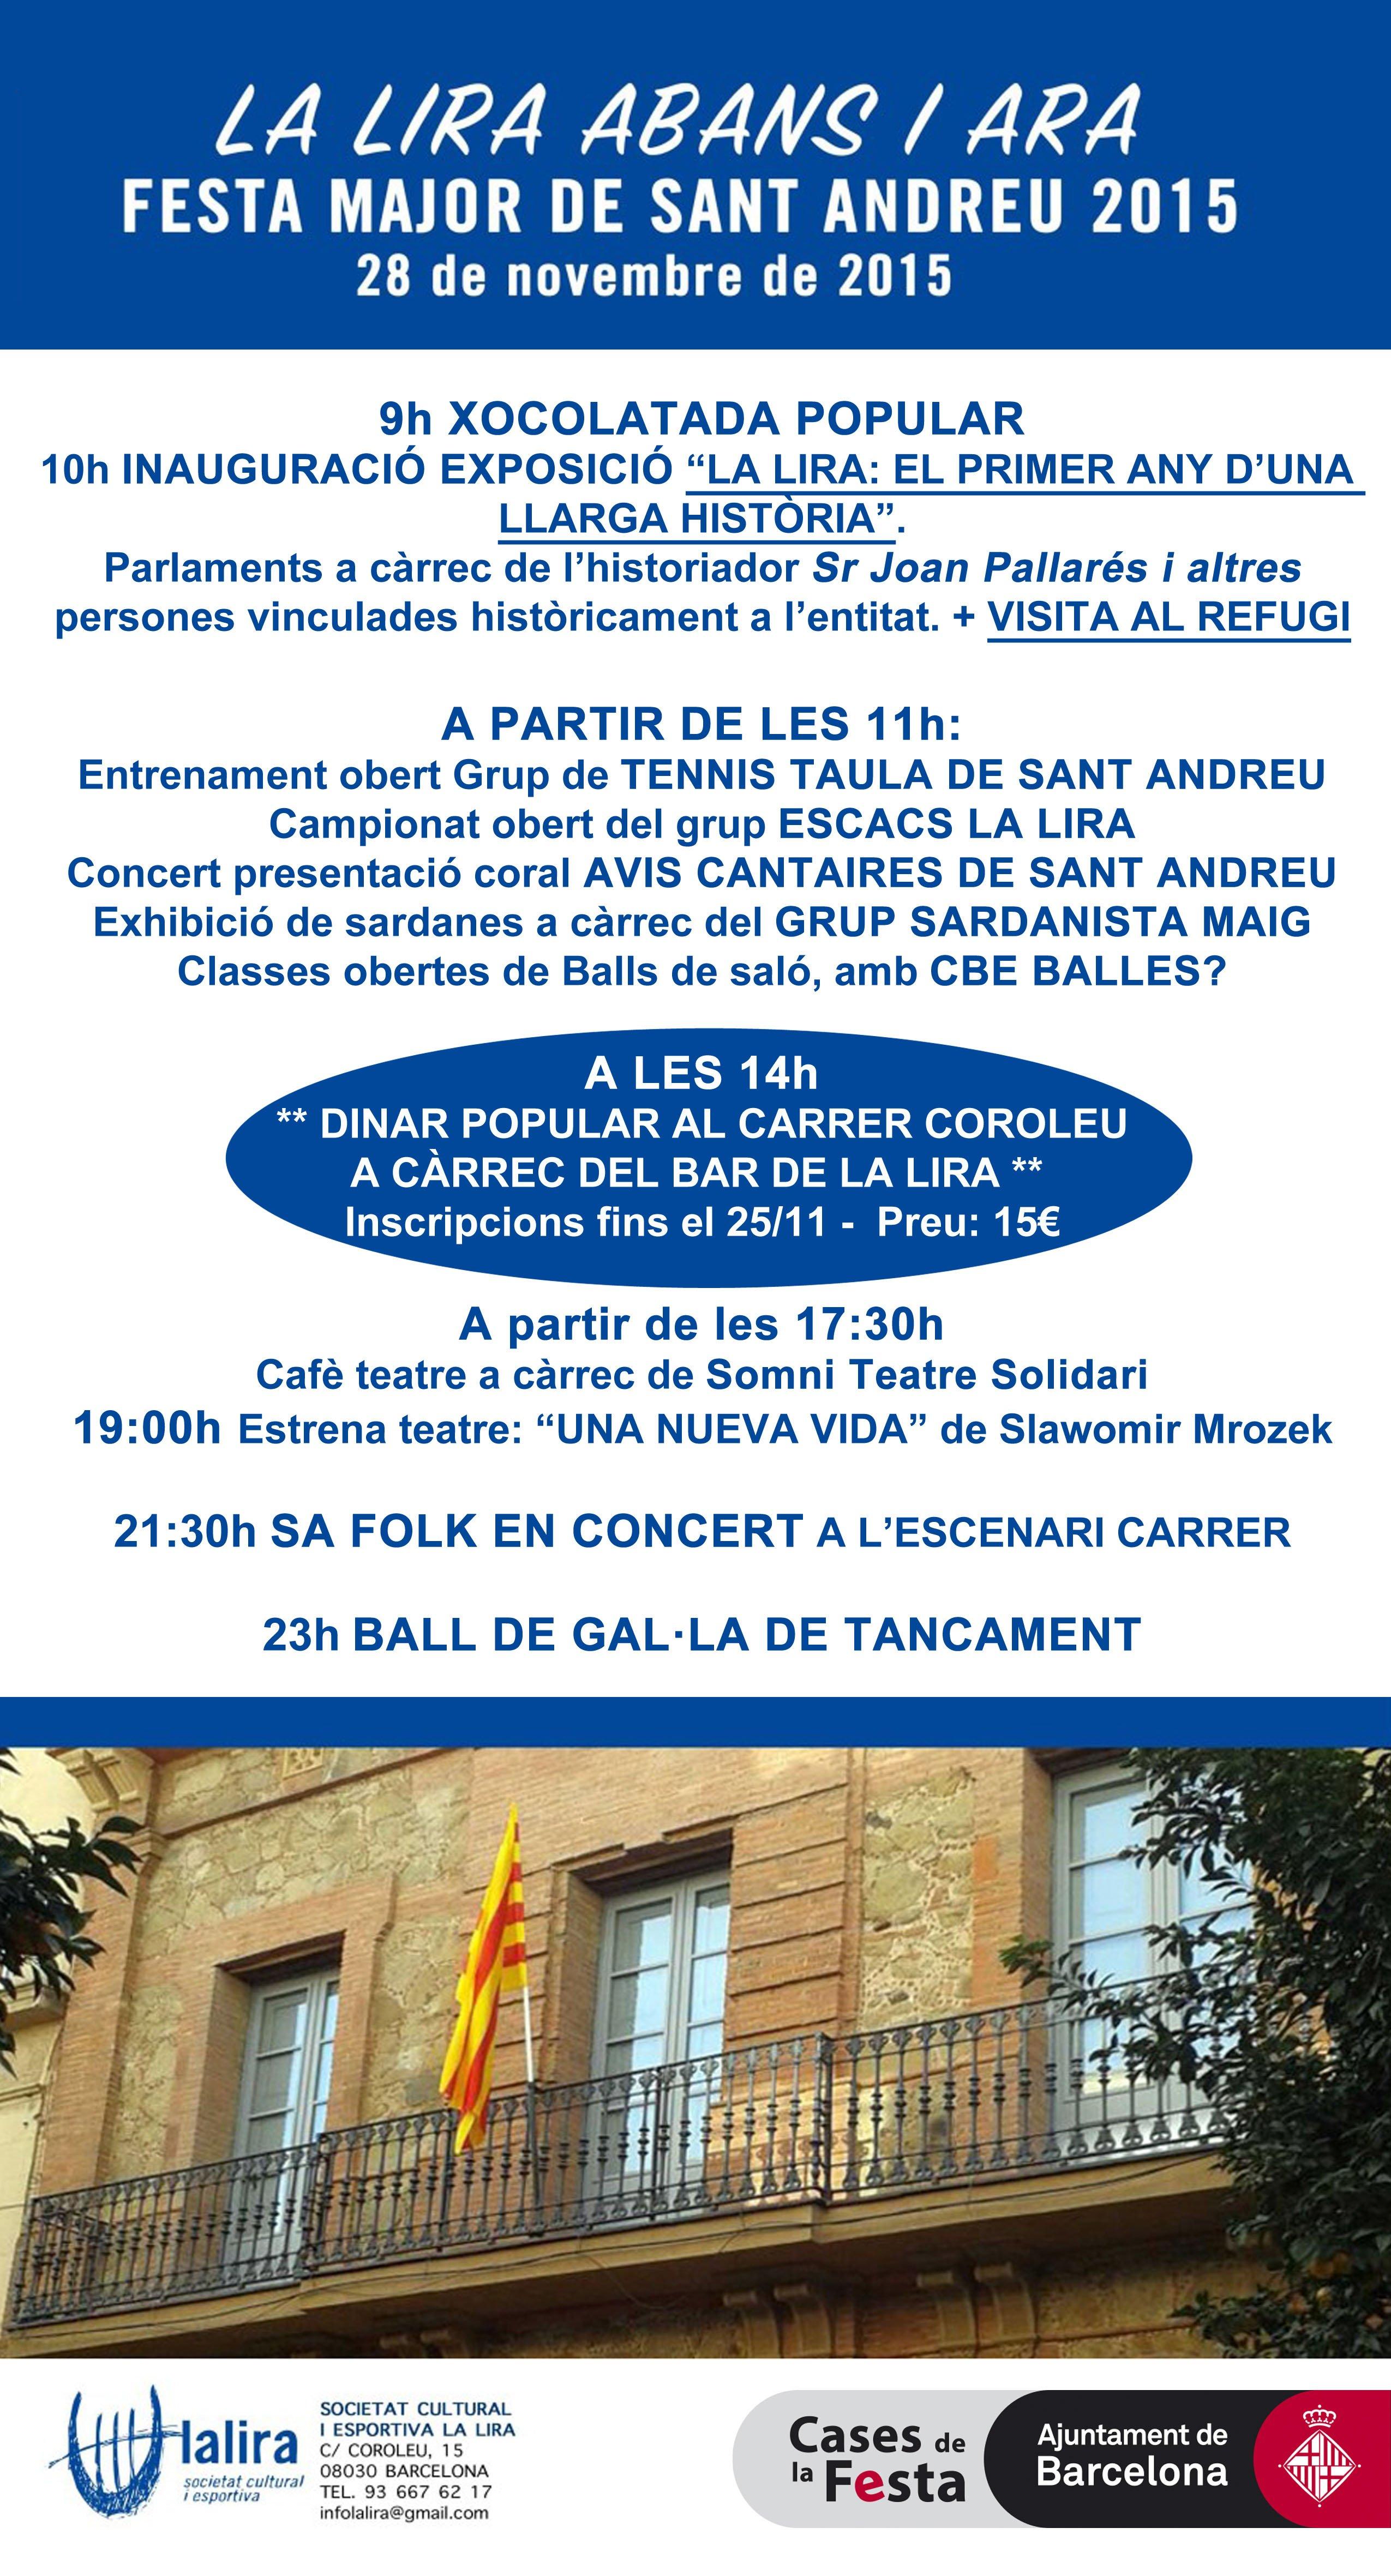 PROGRAMA DE FESTA MAJOR A LA LIRA – 28/11